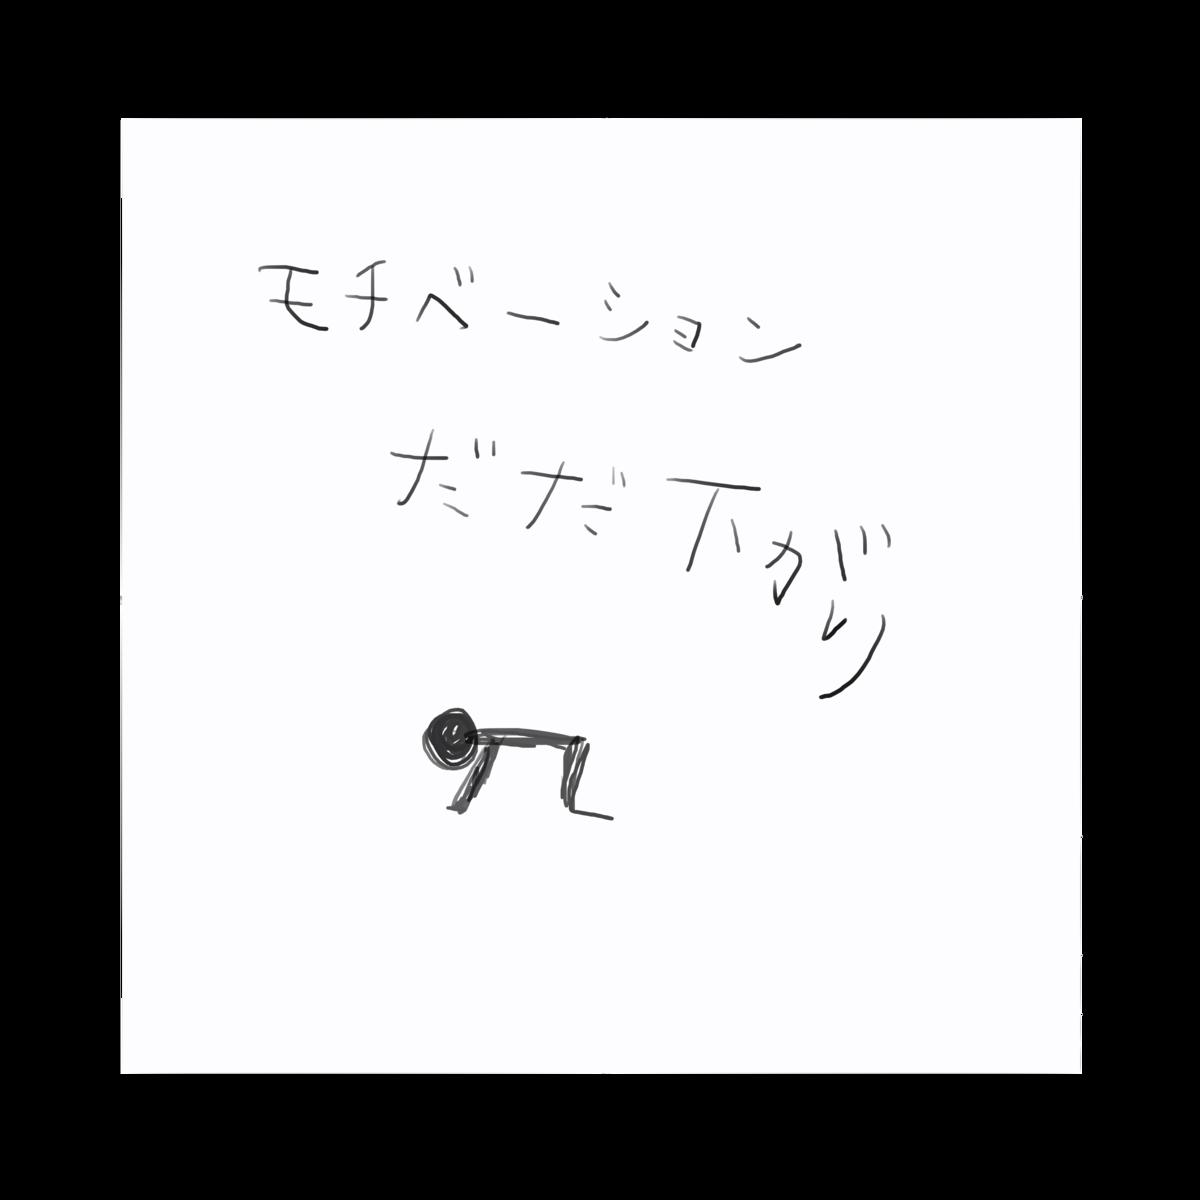 f:id:usuisachiyo28:20190404224241p:plain